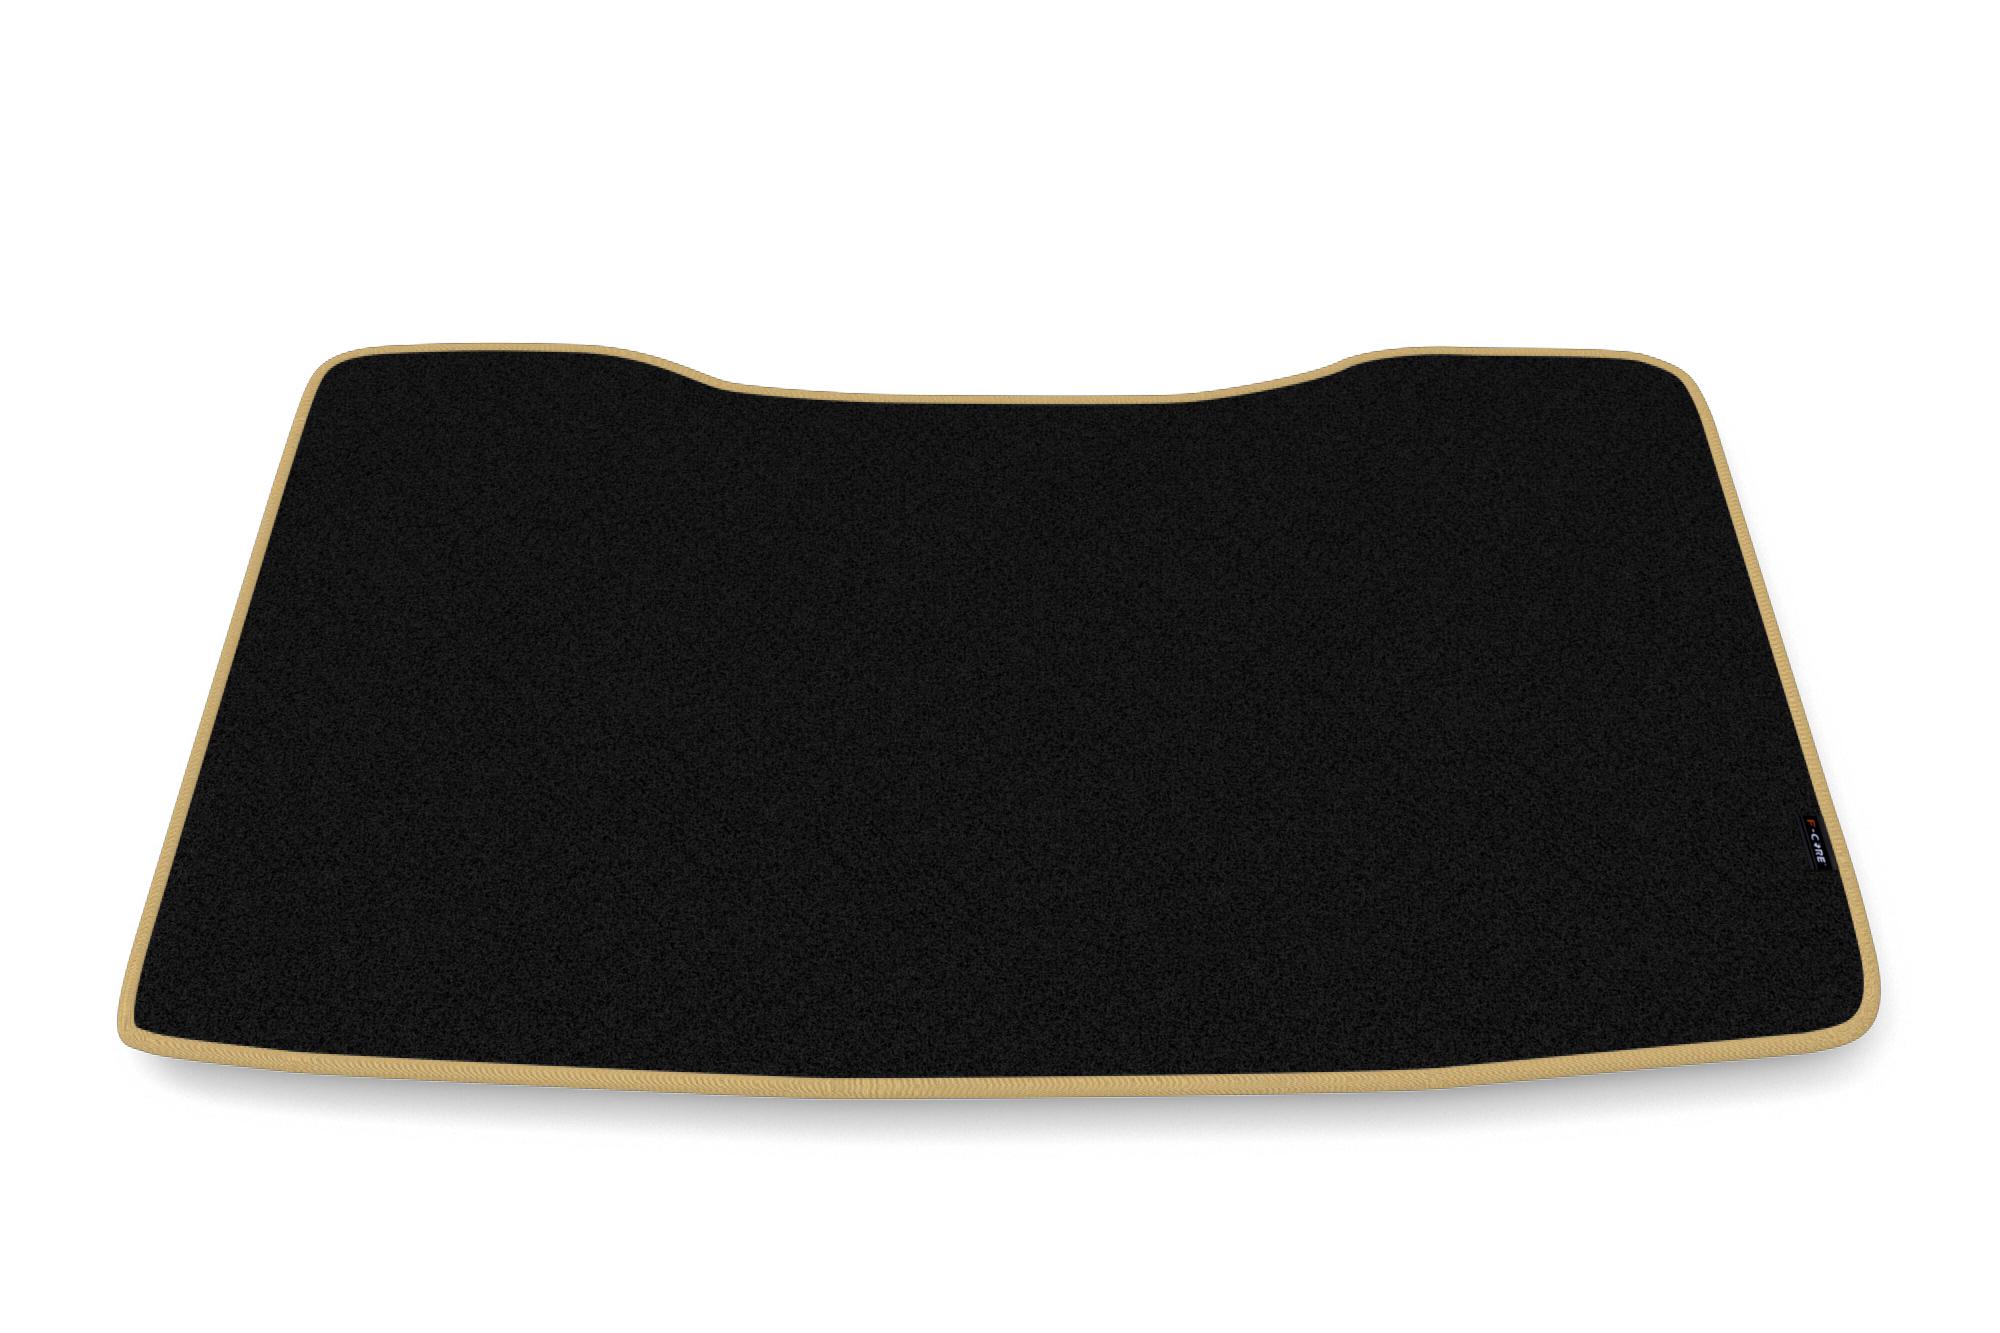 PetexCoupe Tapis en velours-Noir Volvo Tissu Tapis Velour 117359604